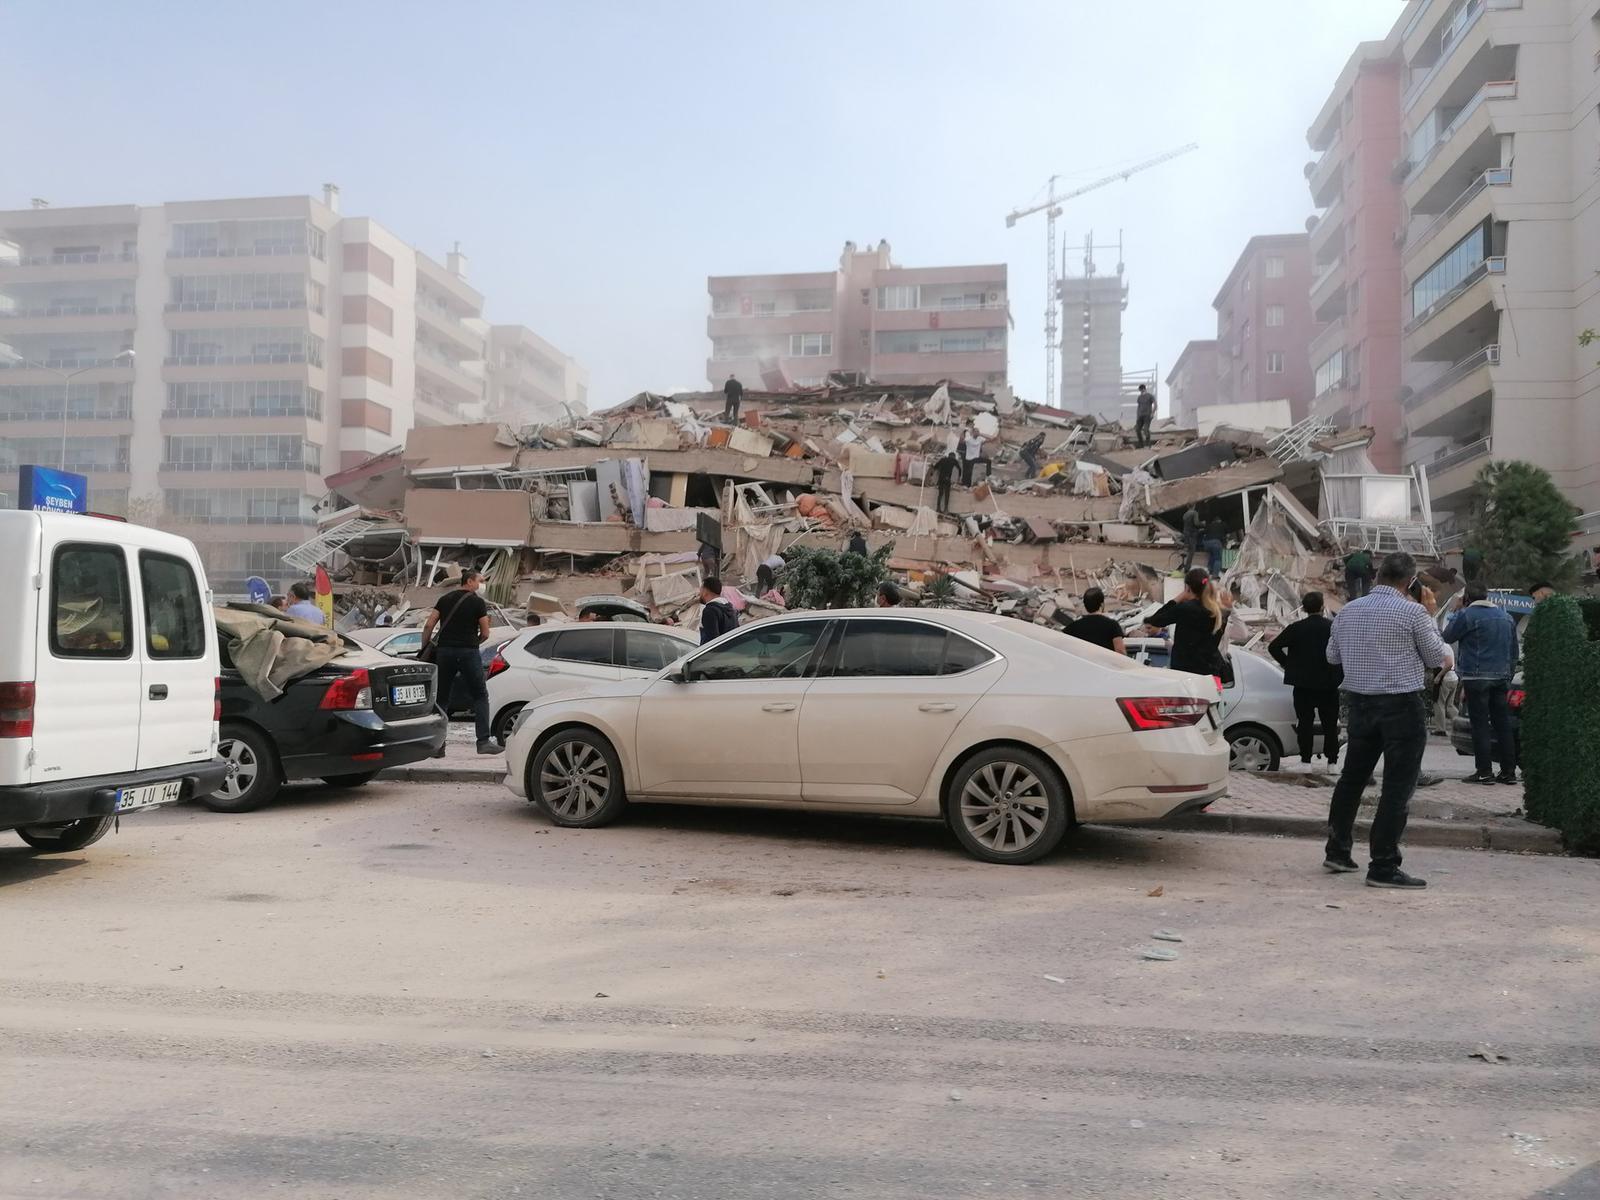 Vidéo : un séisme important fait des dégâts en Turquie et en Grèce